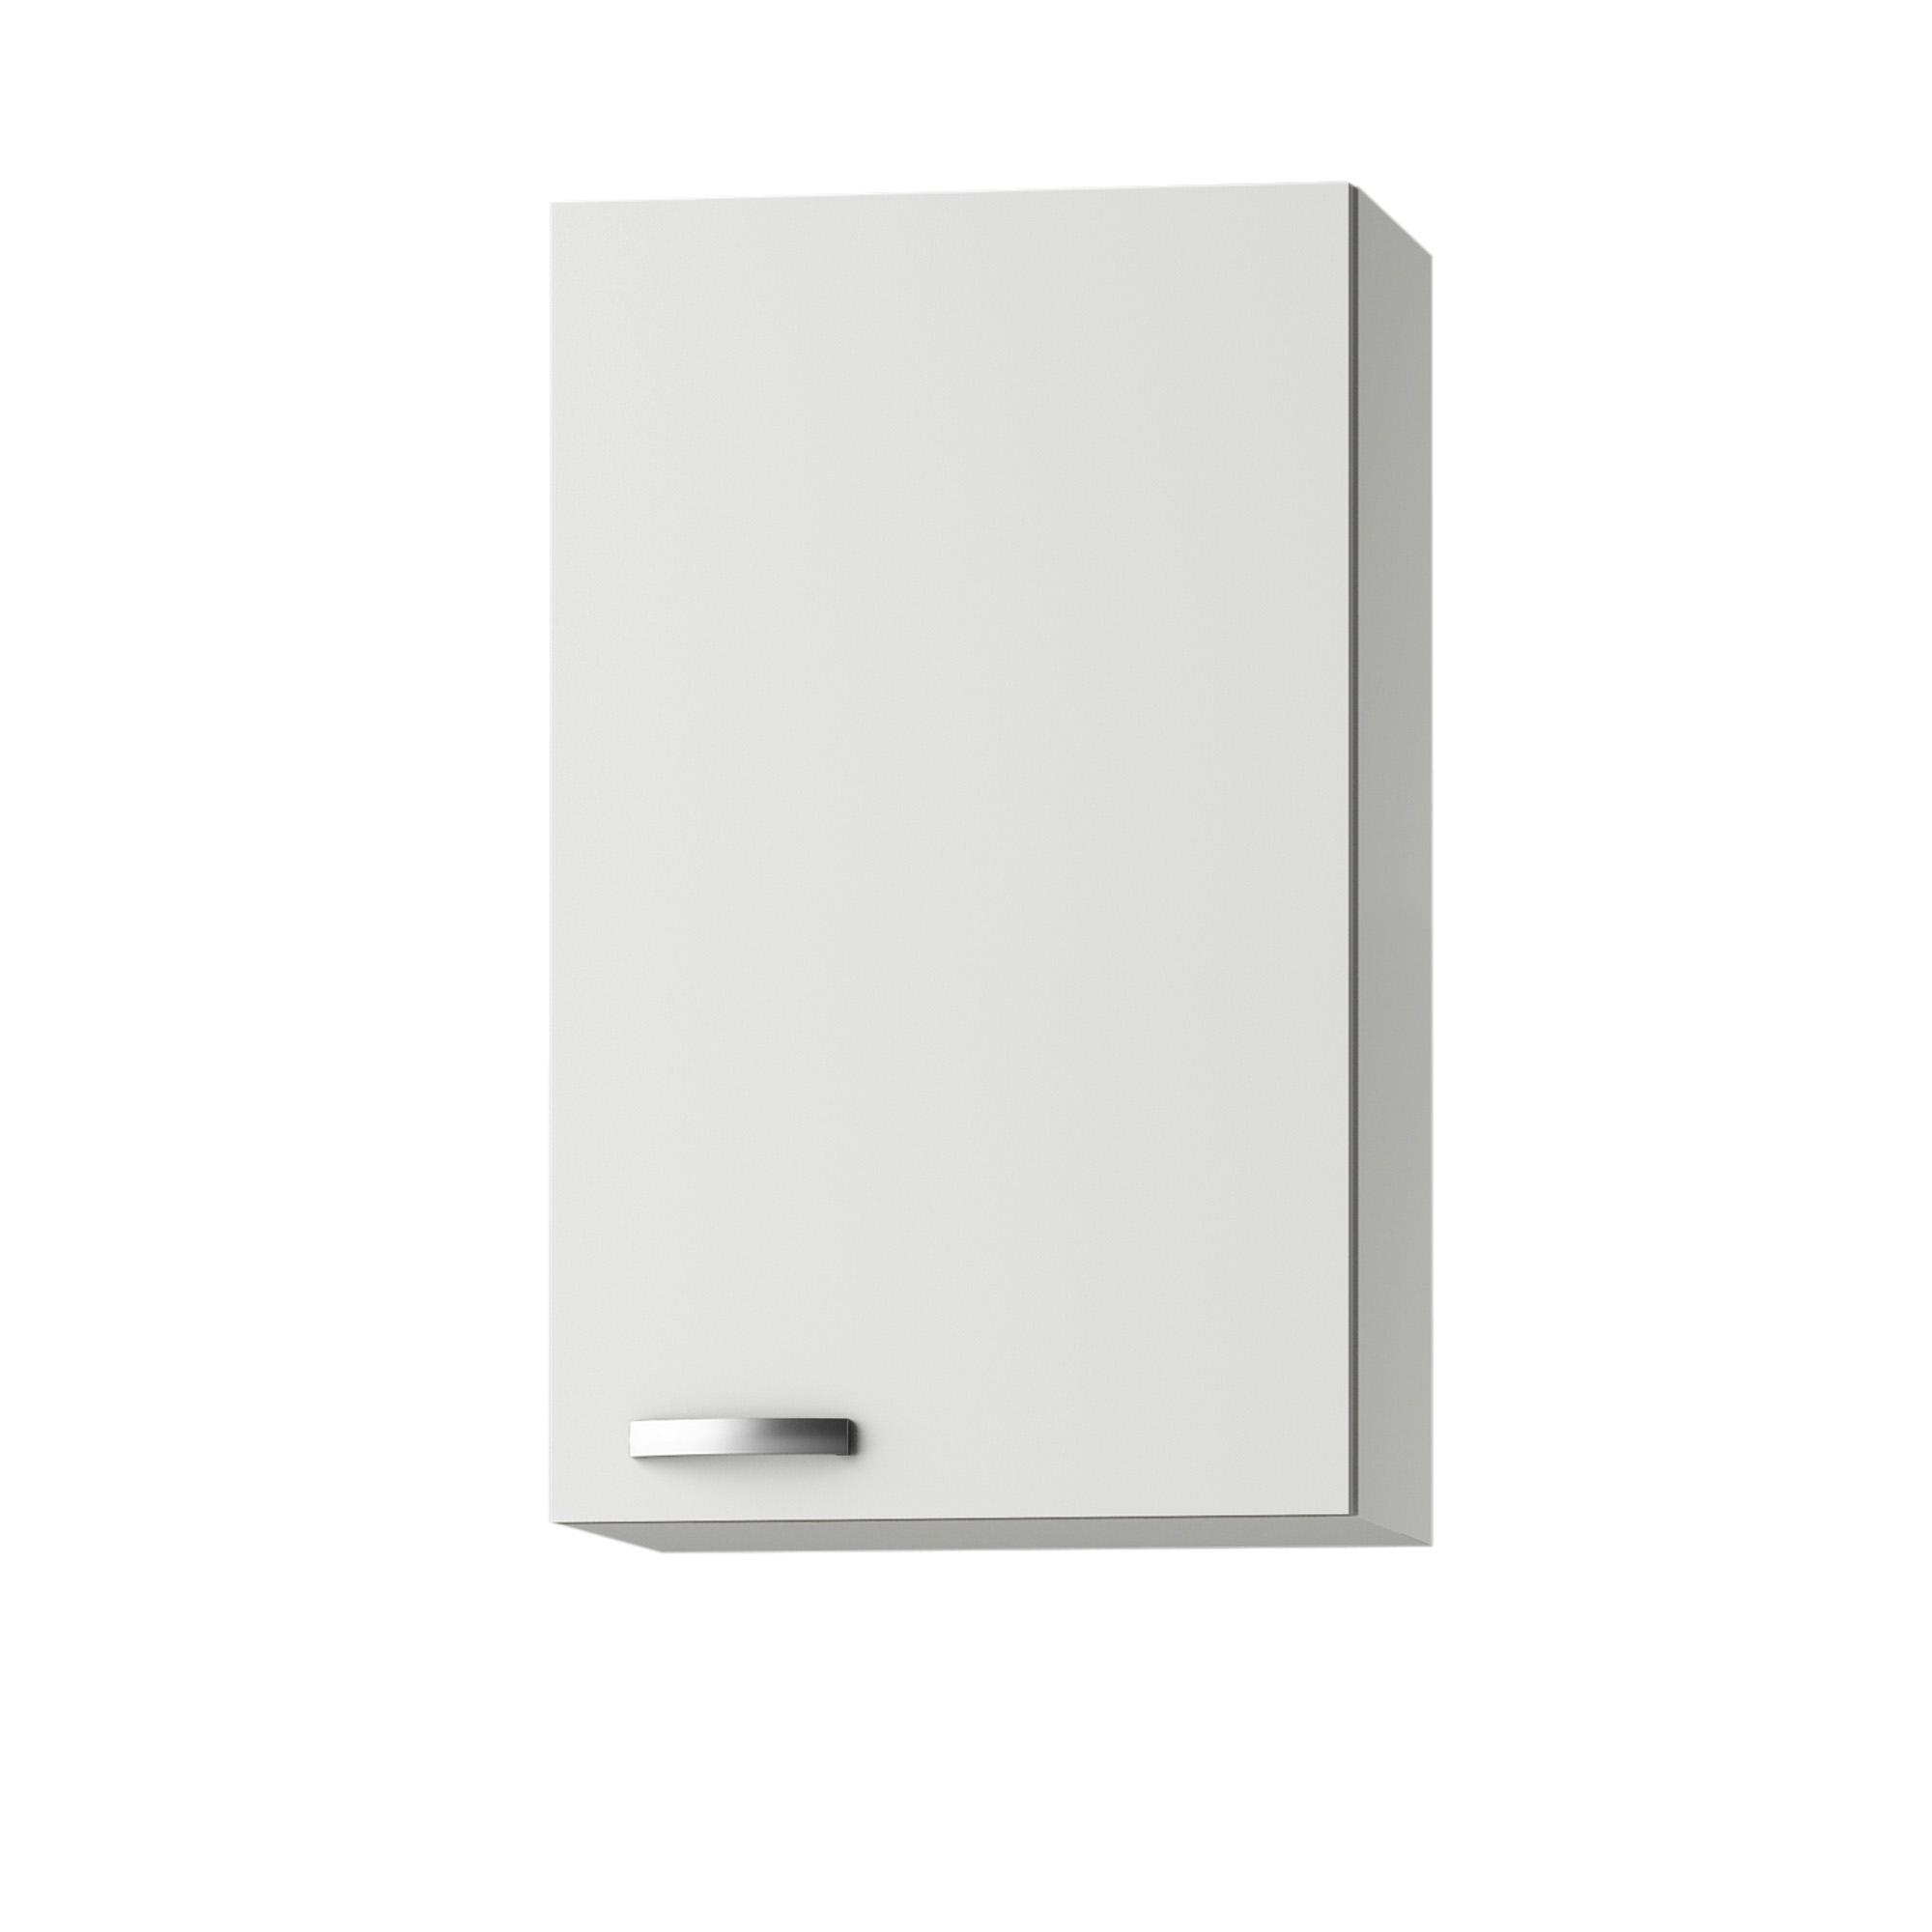 Küchen-Hängeschrank GRANADA - 16-türig - 16 cm breit, 16 cm hoch - Weiß